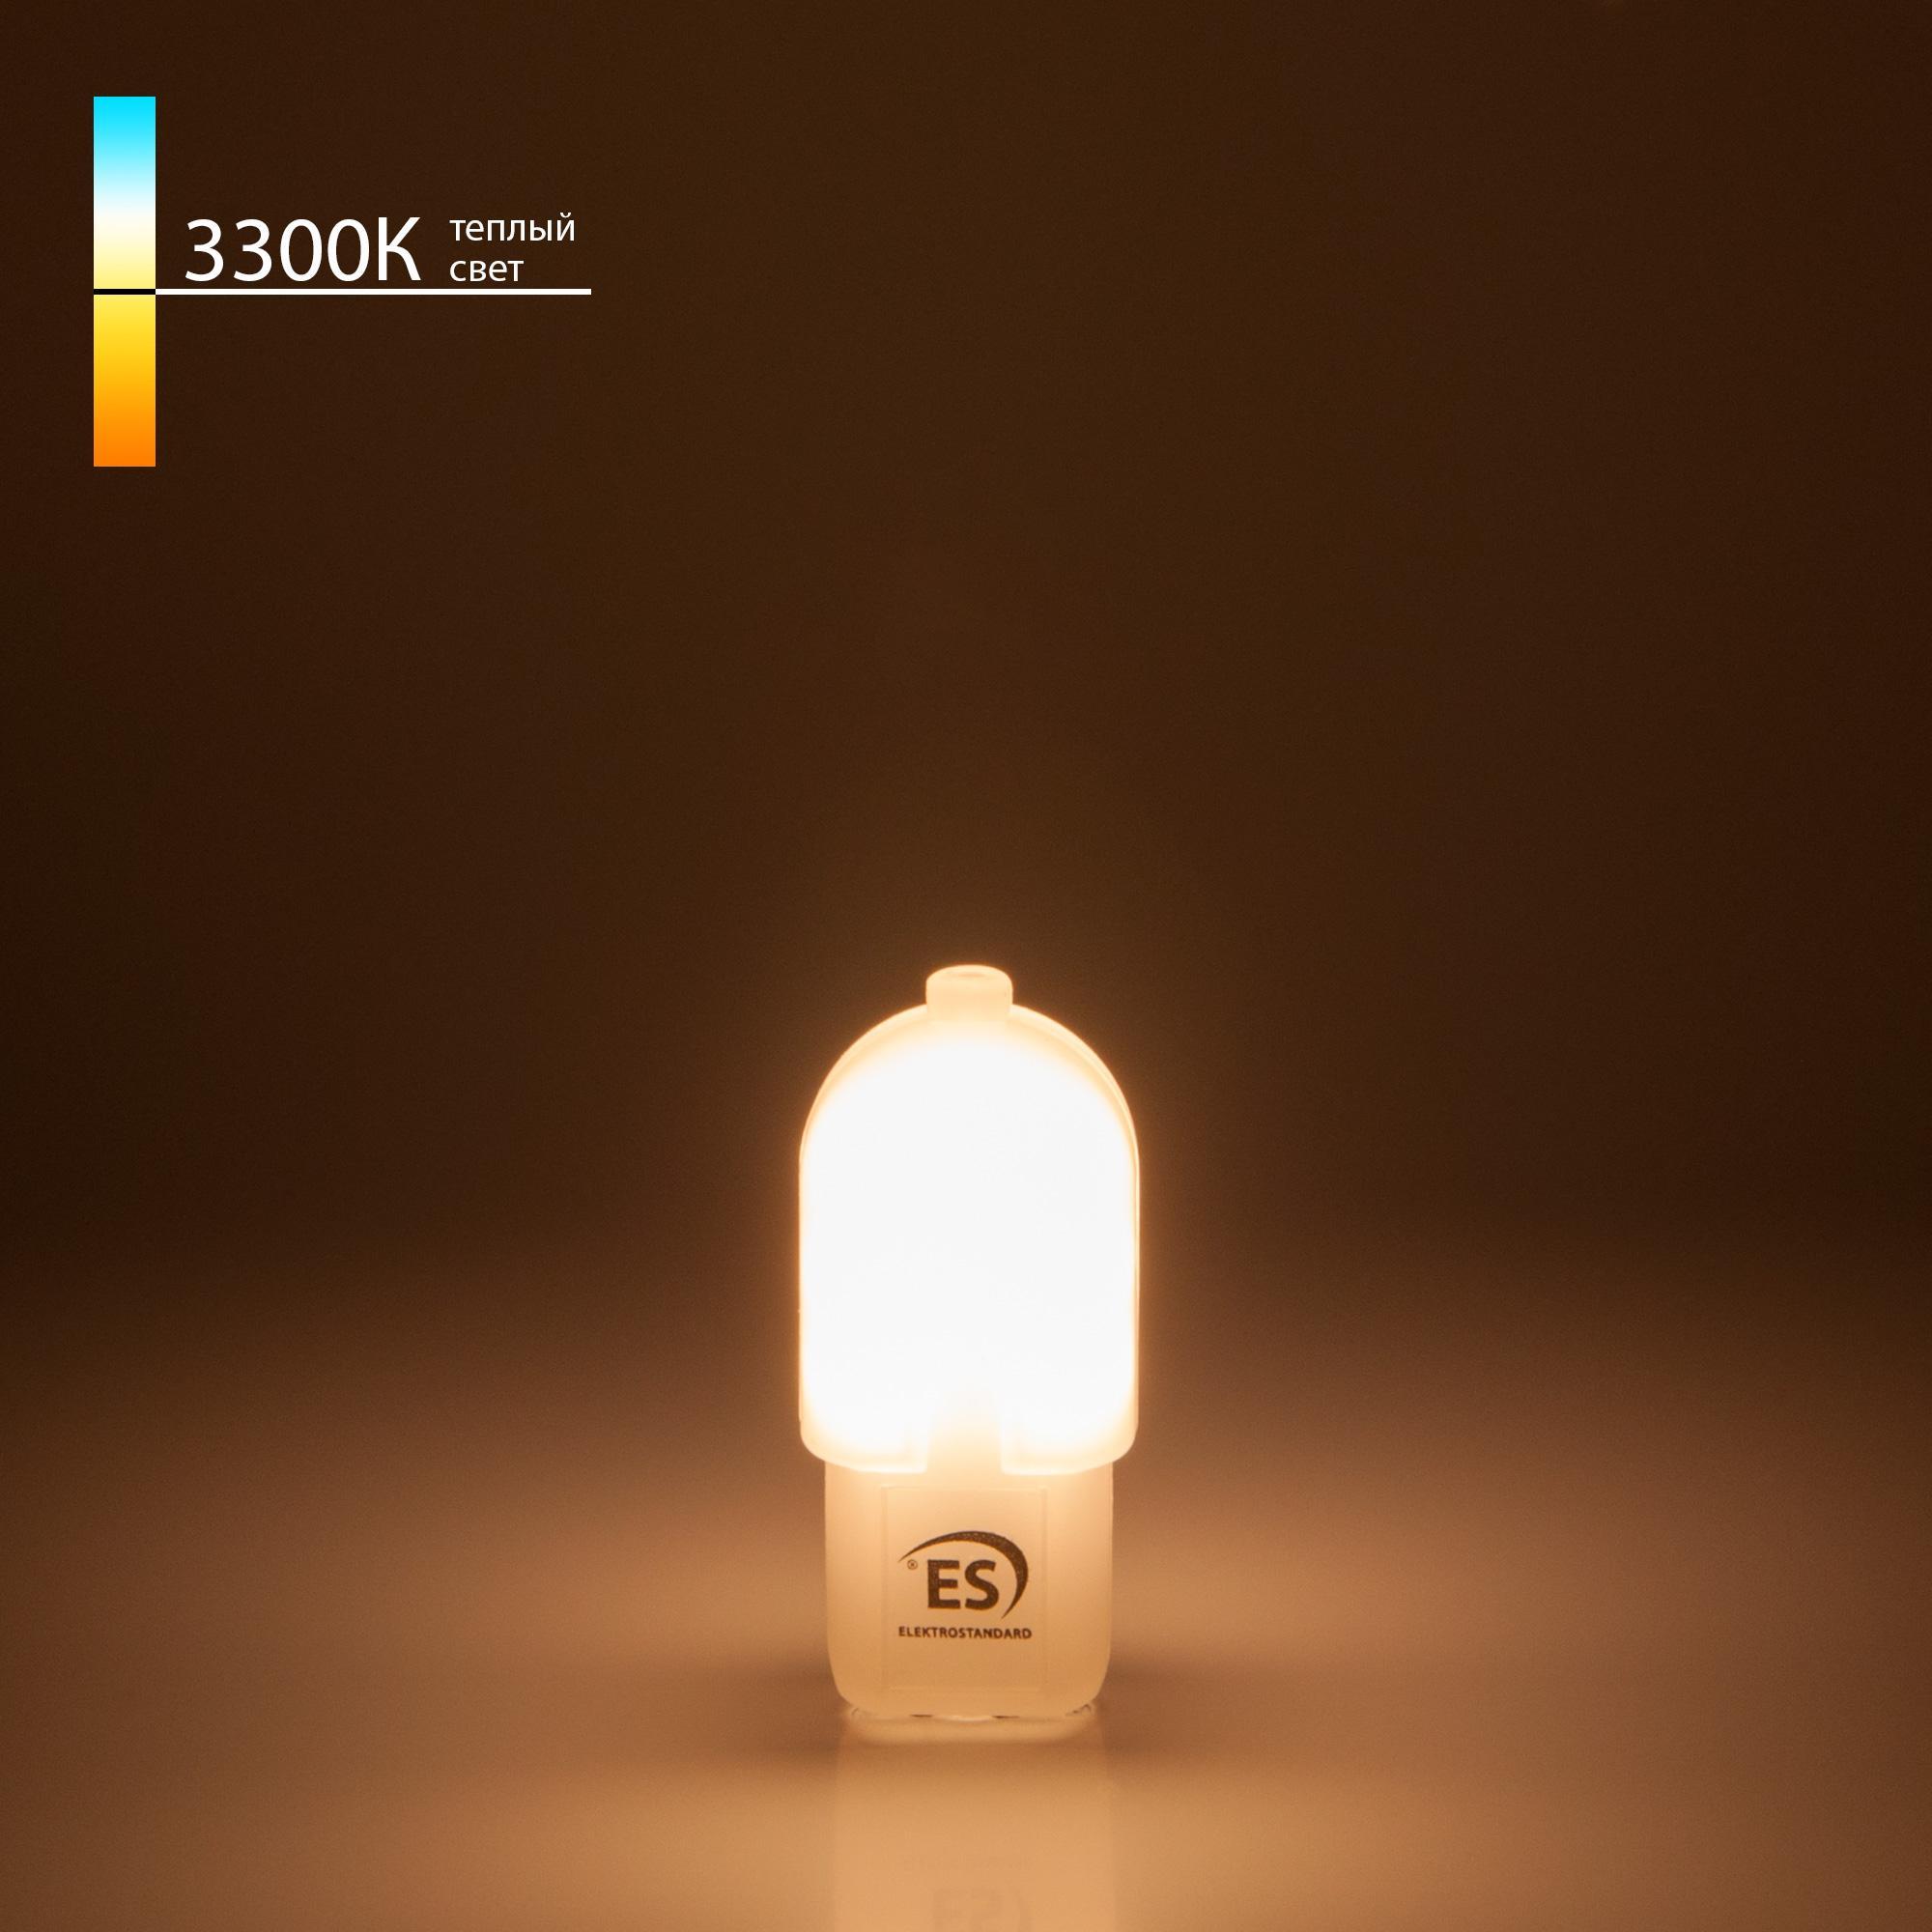 G4 LED BL121 3W 12V 360° 3300K